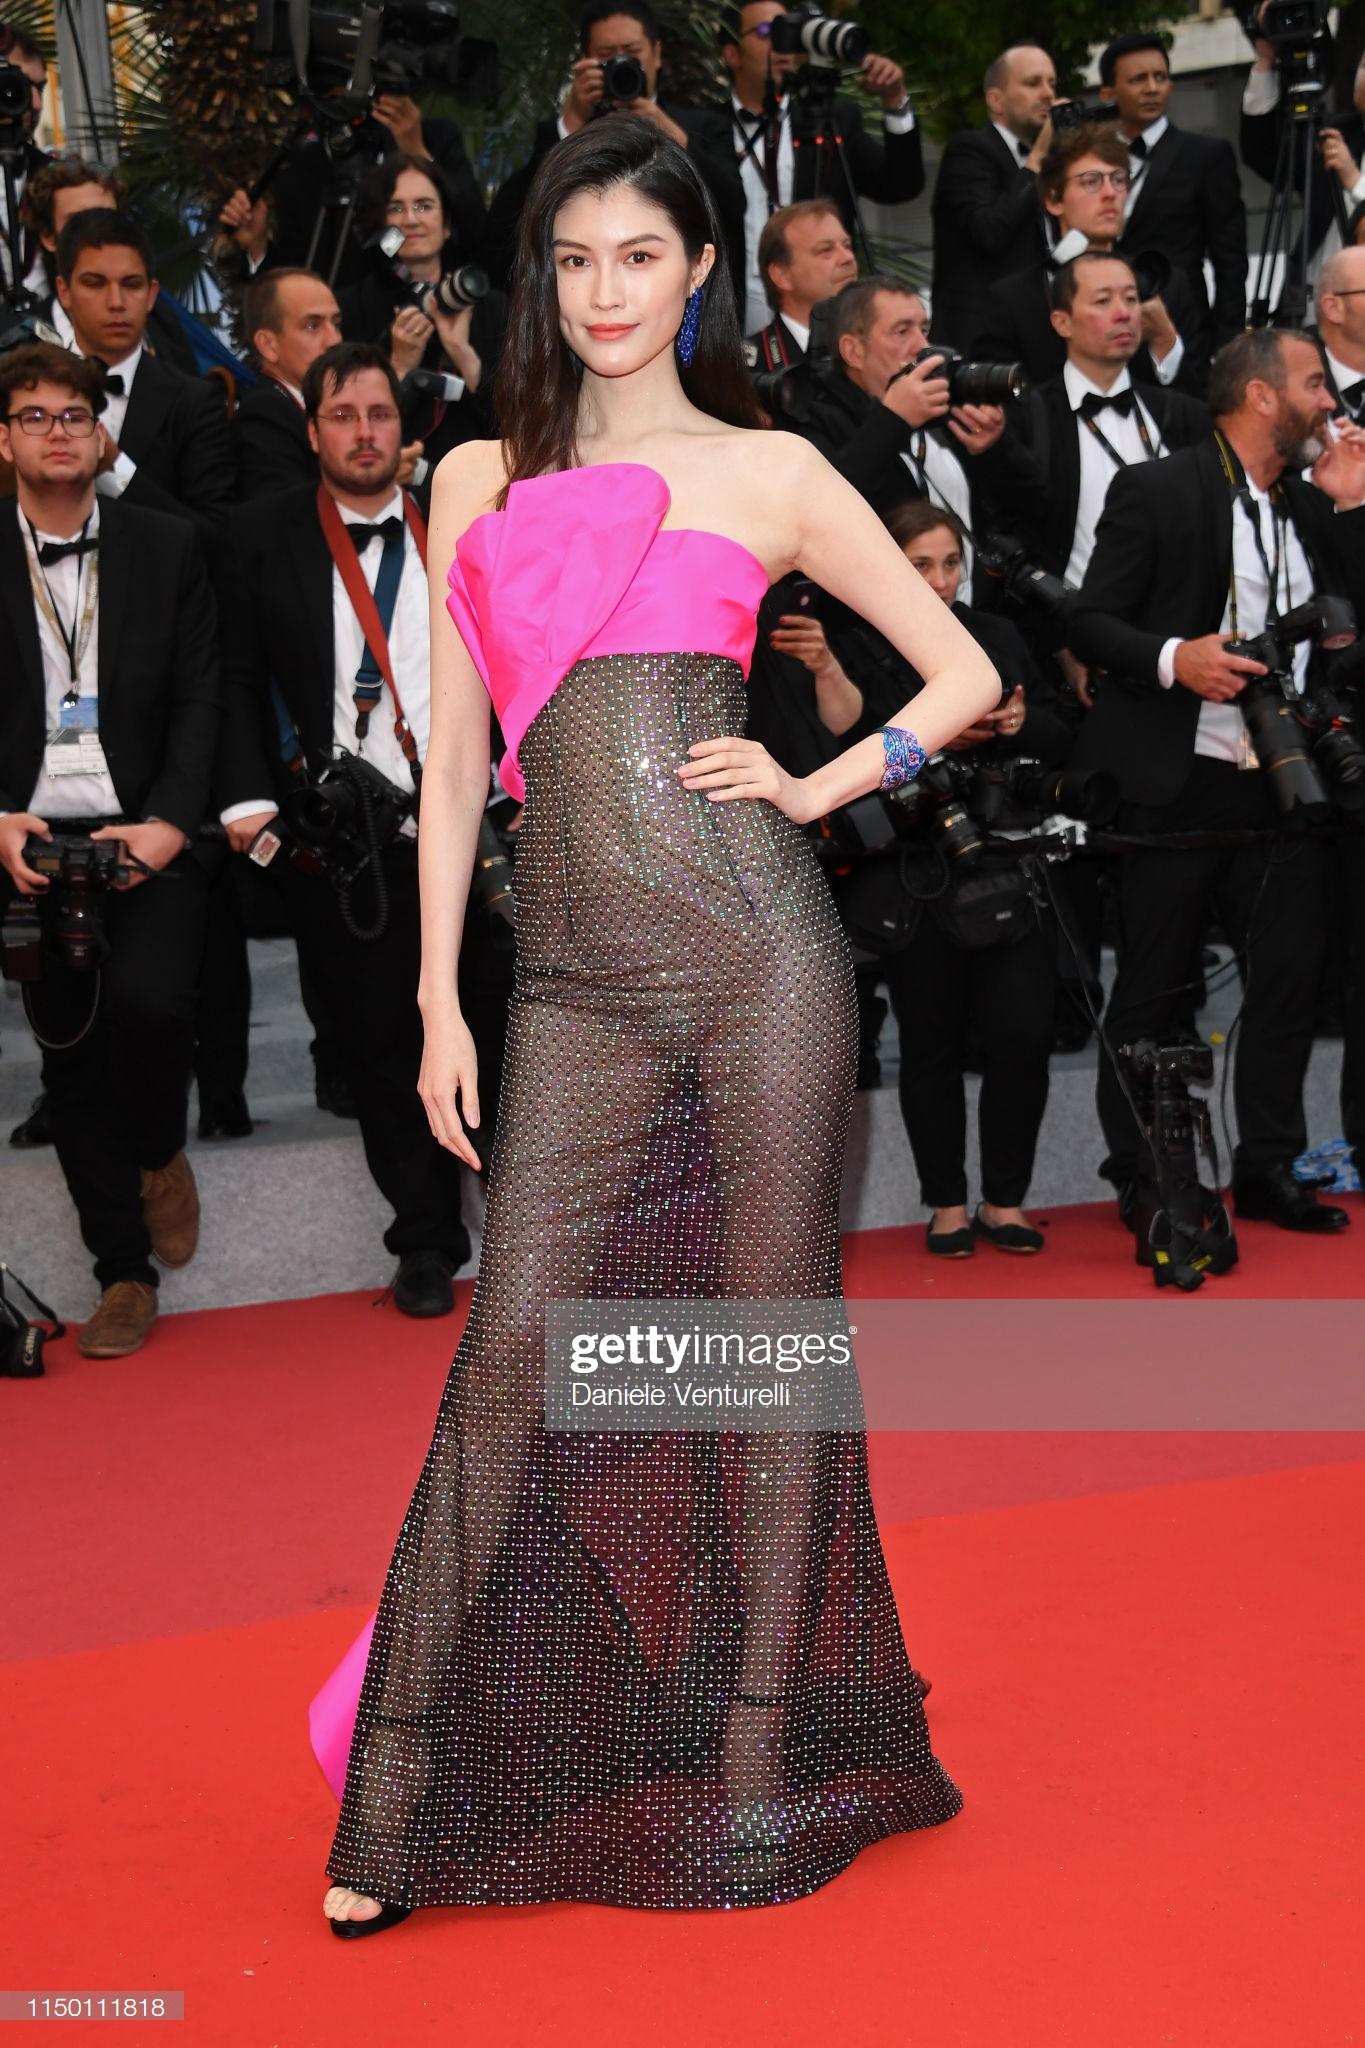 Thảm đỏ Cannes nhường spotlight cho Nick Jonas cung phụng Hoa hậu, Sui He gây sốc như không mặc gì - Ảnh 13.